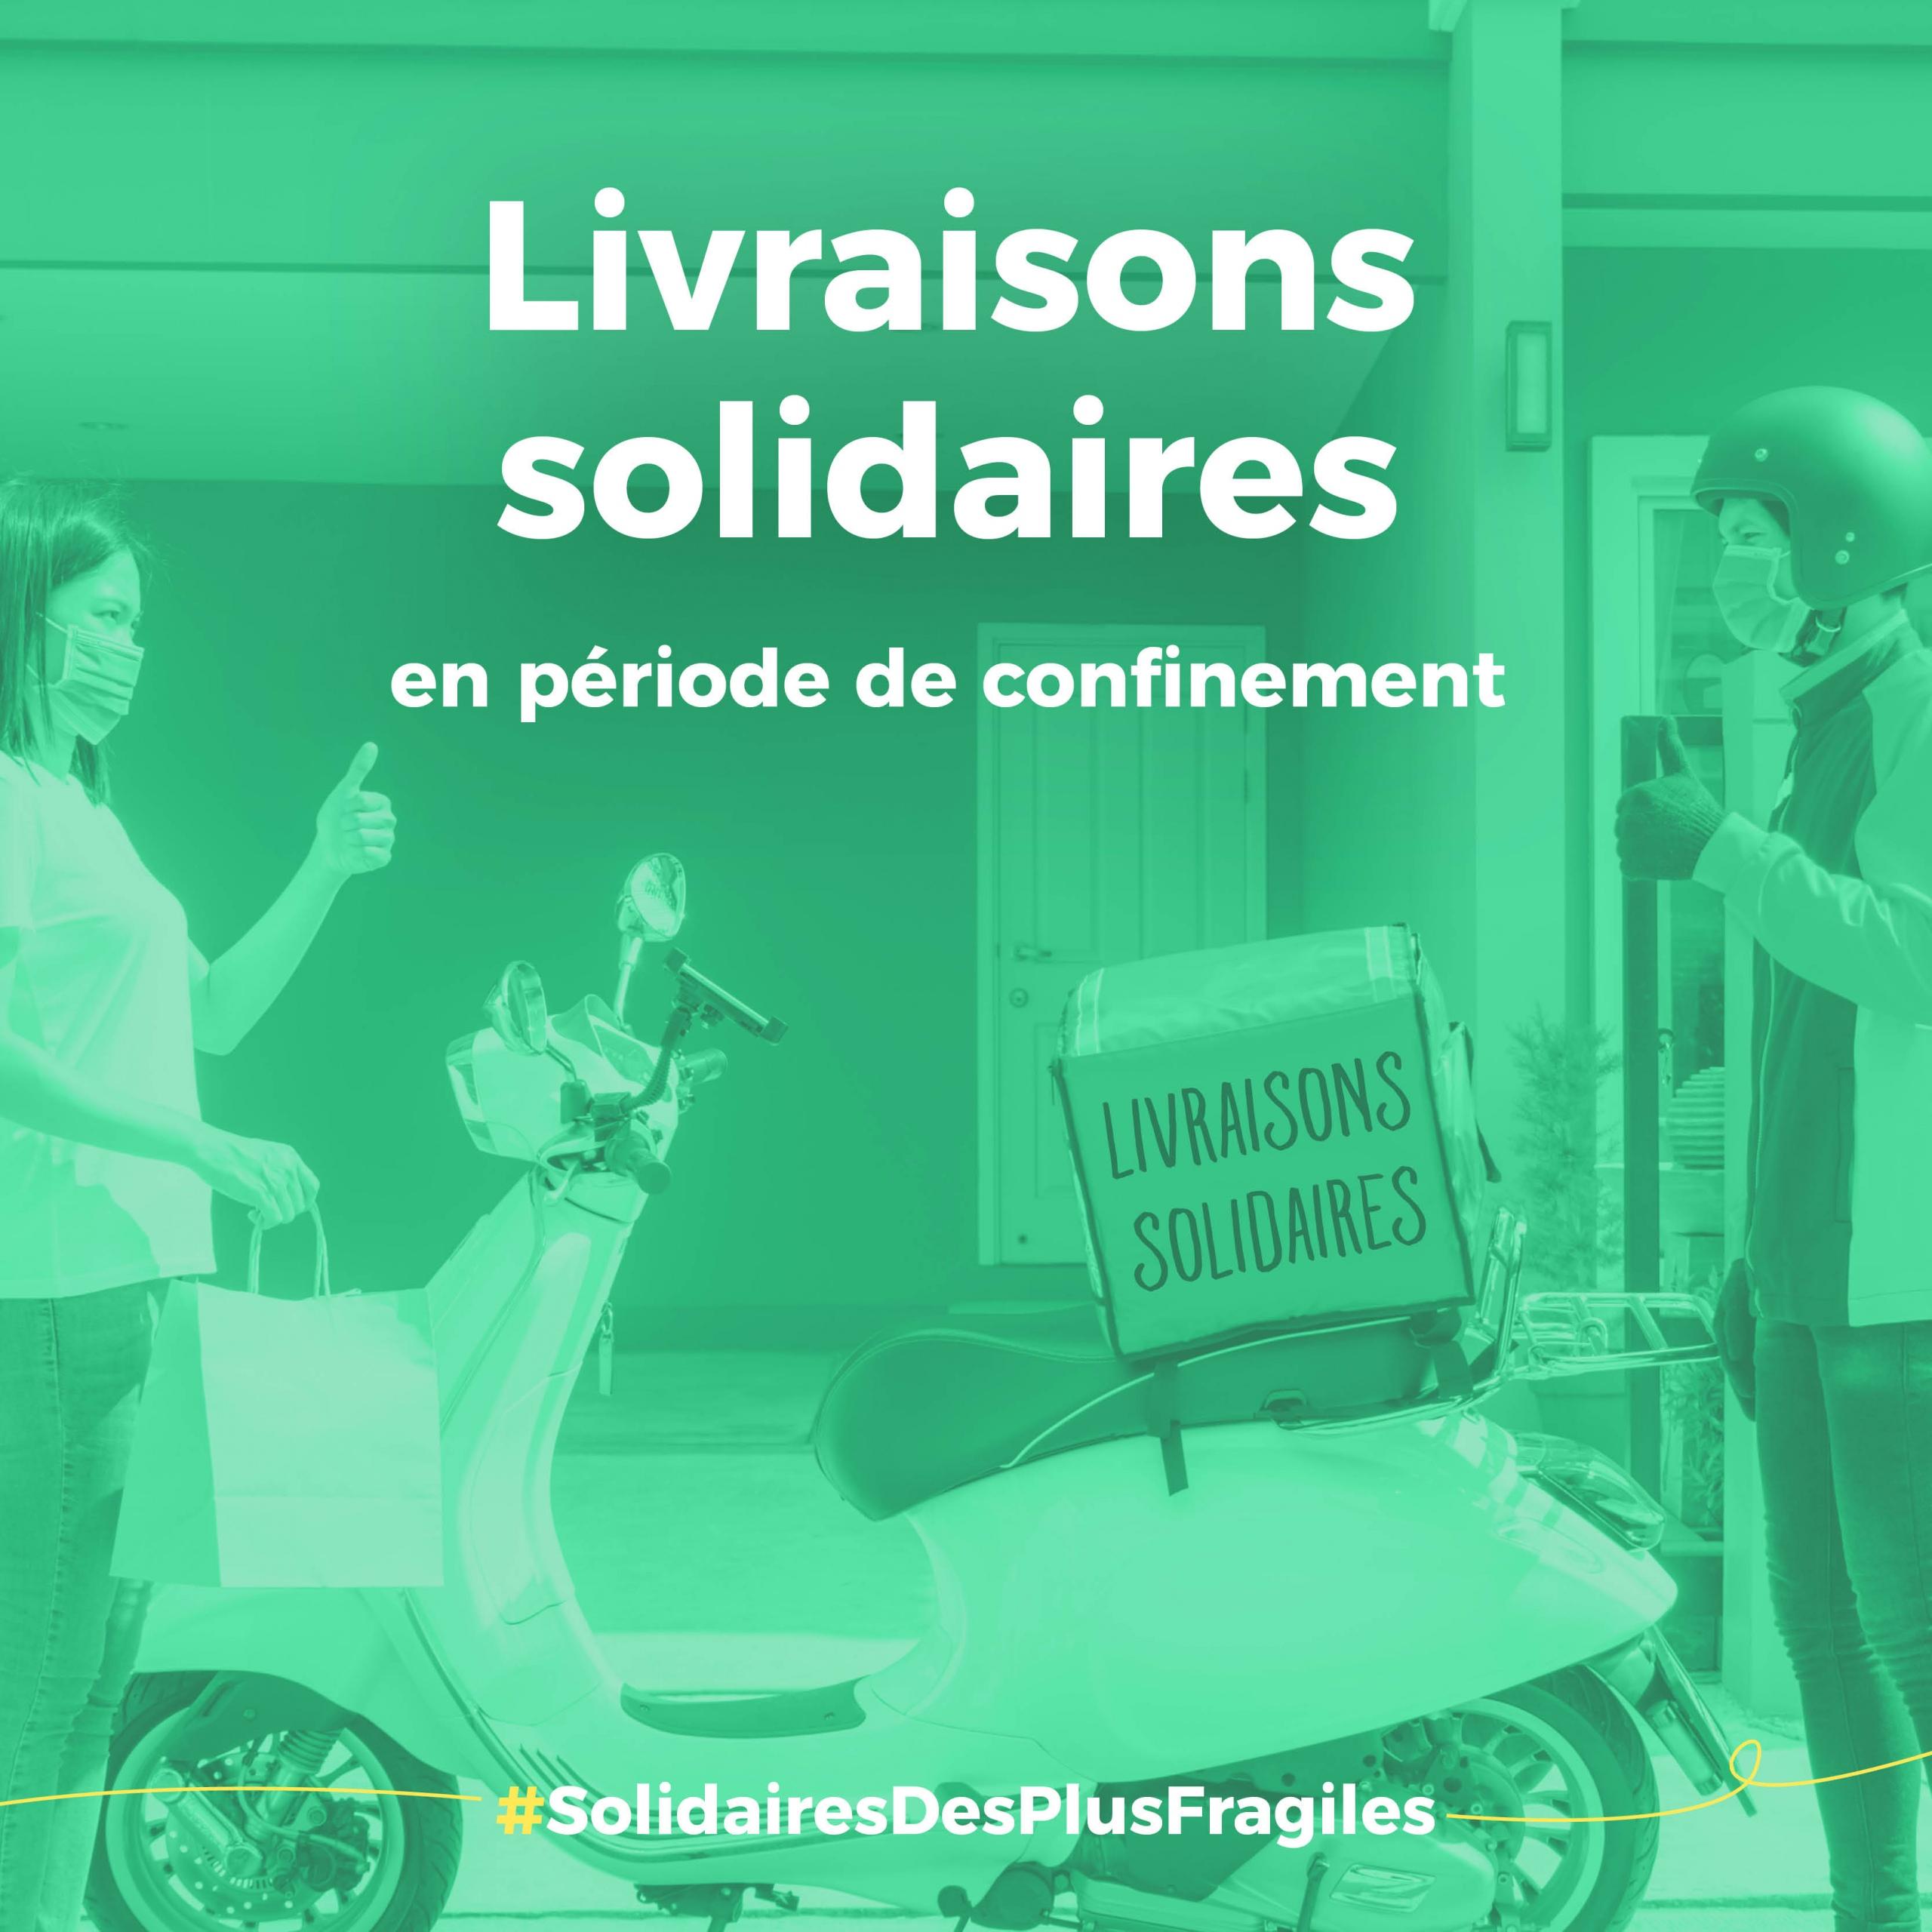 livraison solidaire confinement